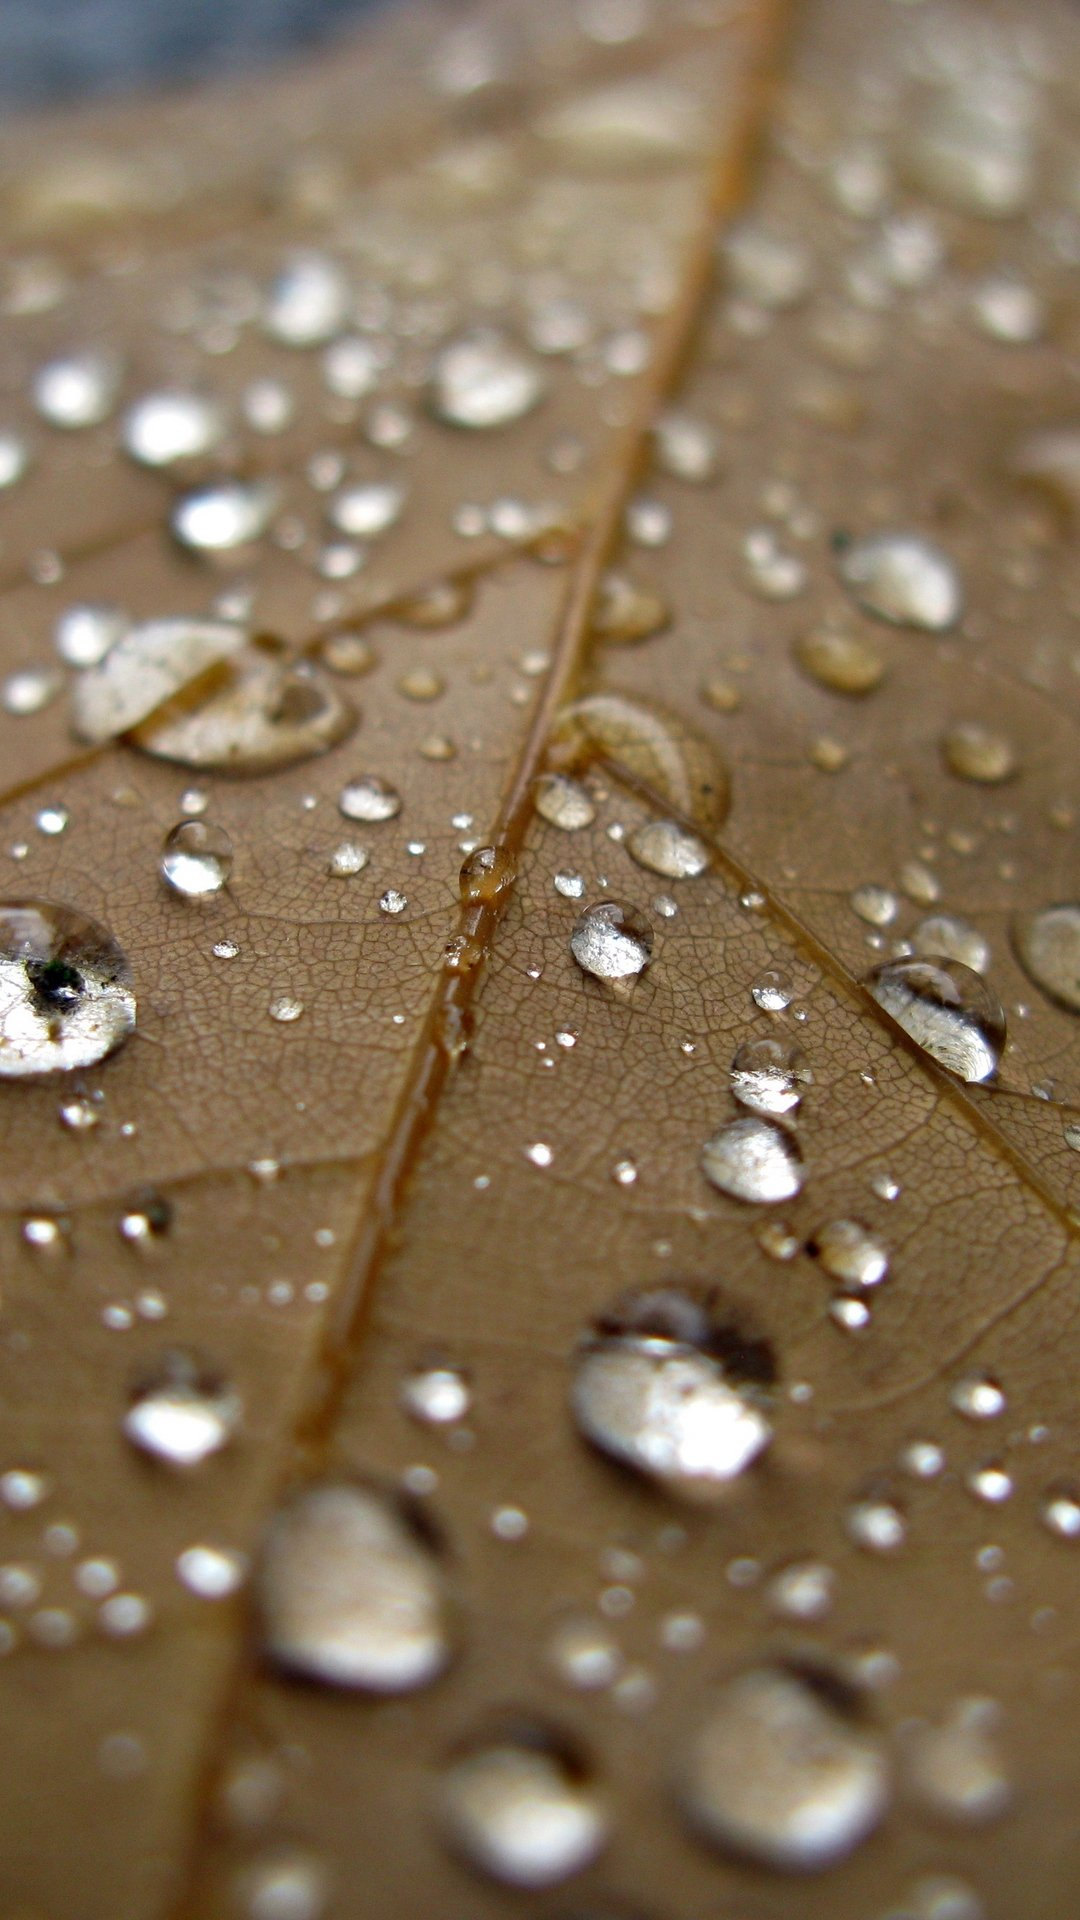 Rain Galaxy wallpaper hd